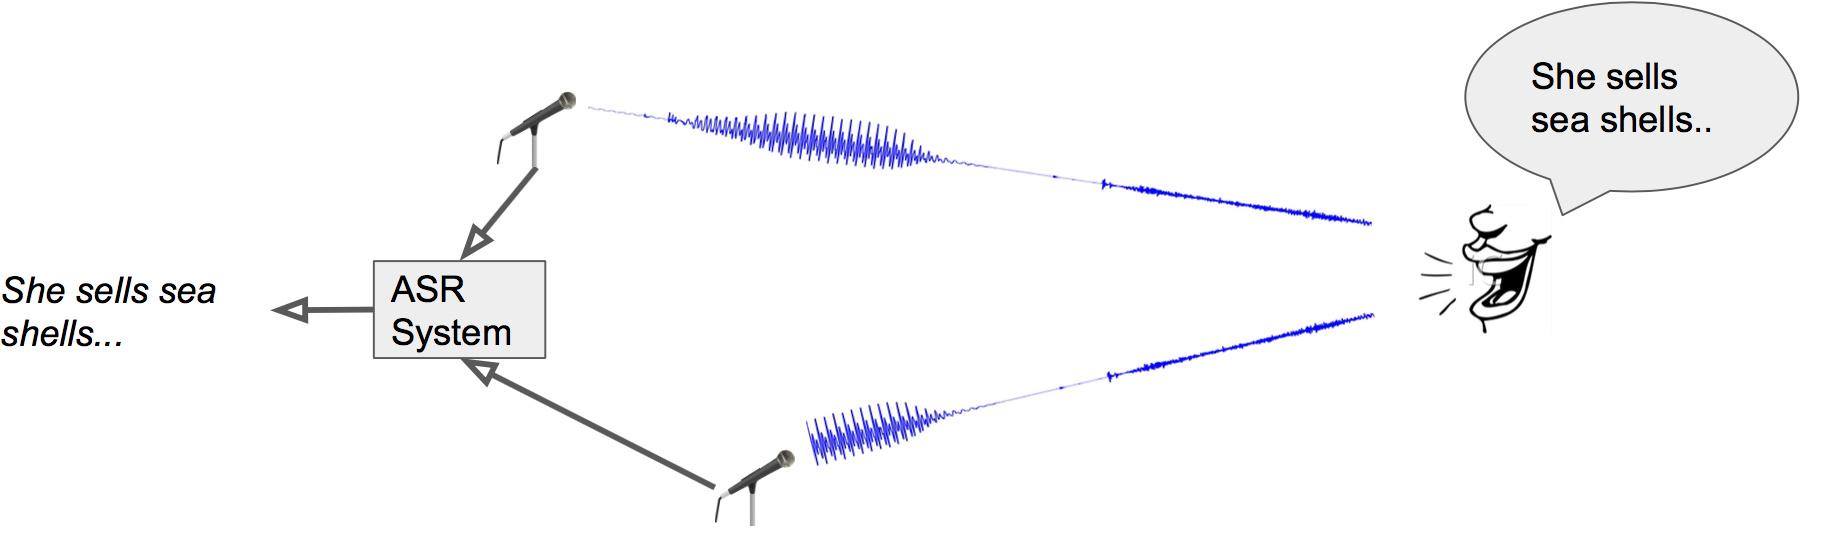 CS224n笔记12 语音识别的end-to-end模型